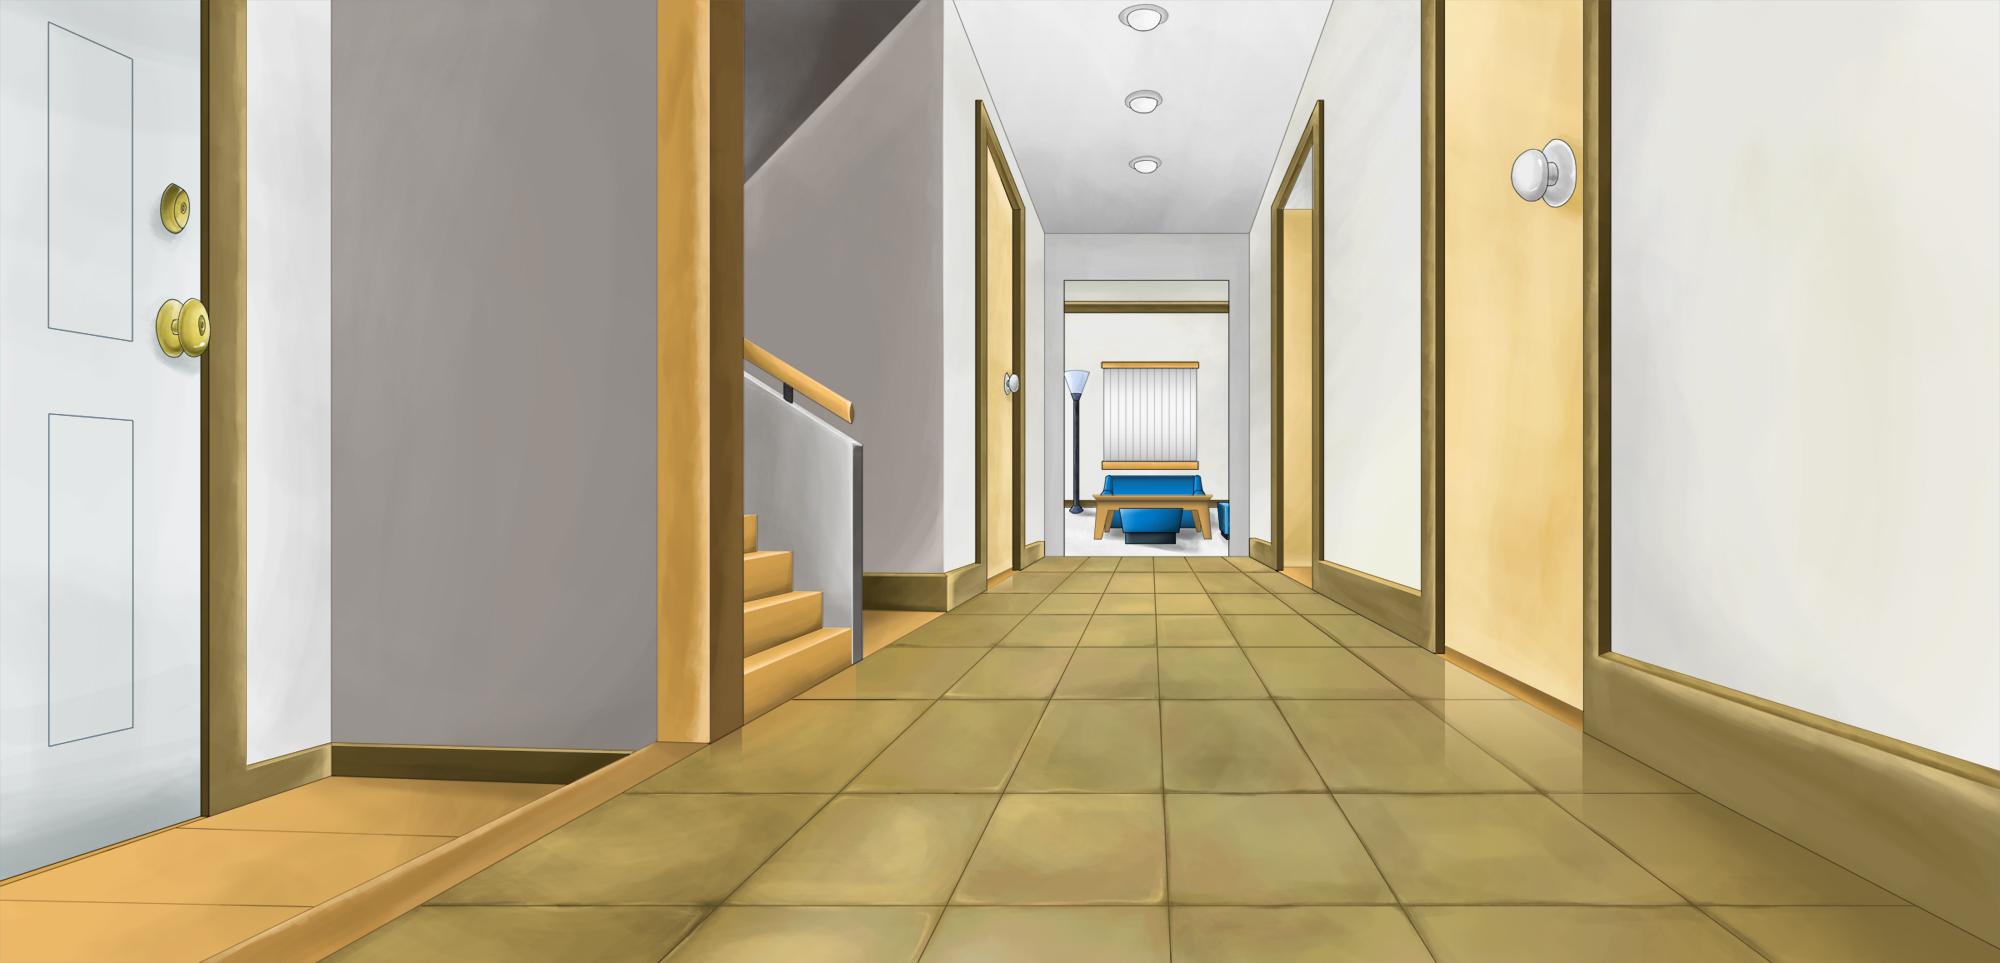 Uchiha Palata - Page 2 Hallway1